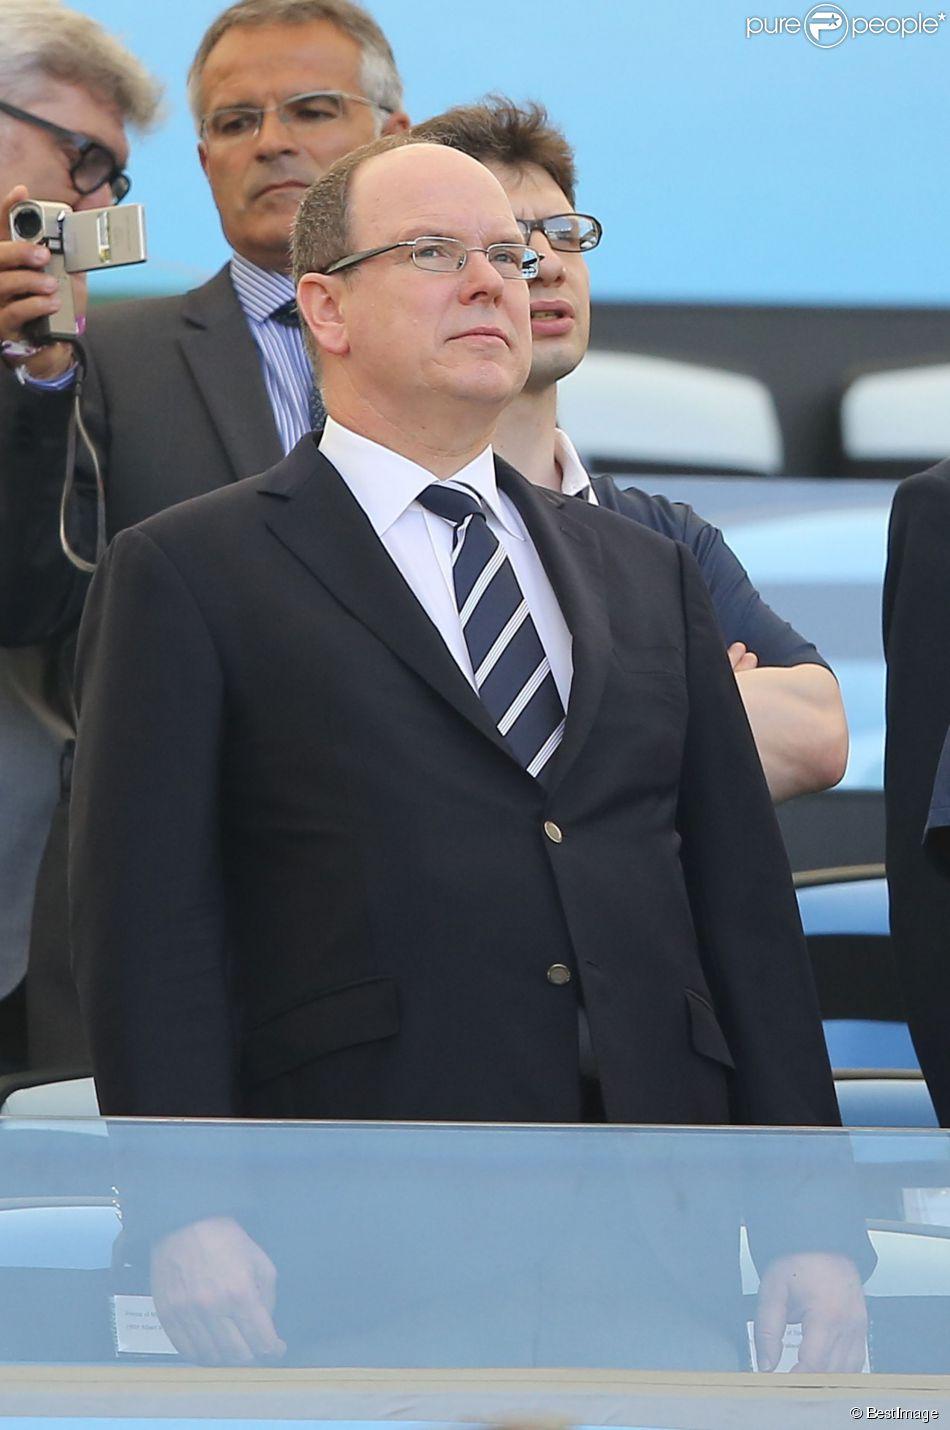 Príncipe Albert de Mônaco participou da partida da França contra o & # 039; a Alemanha, no Rio de Janeiro, Brasil, 04 de julho de 2014.